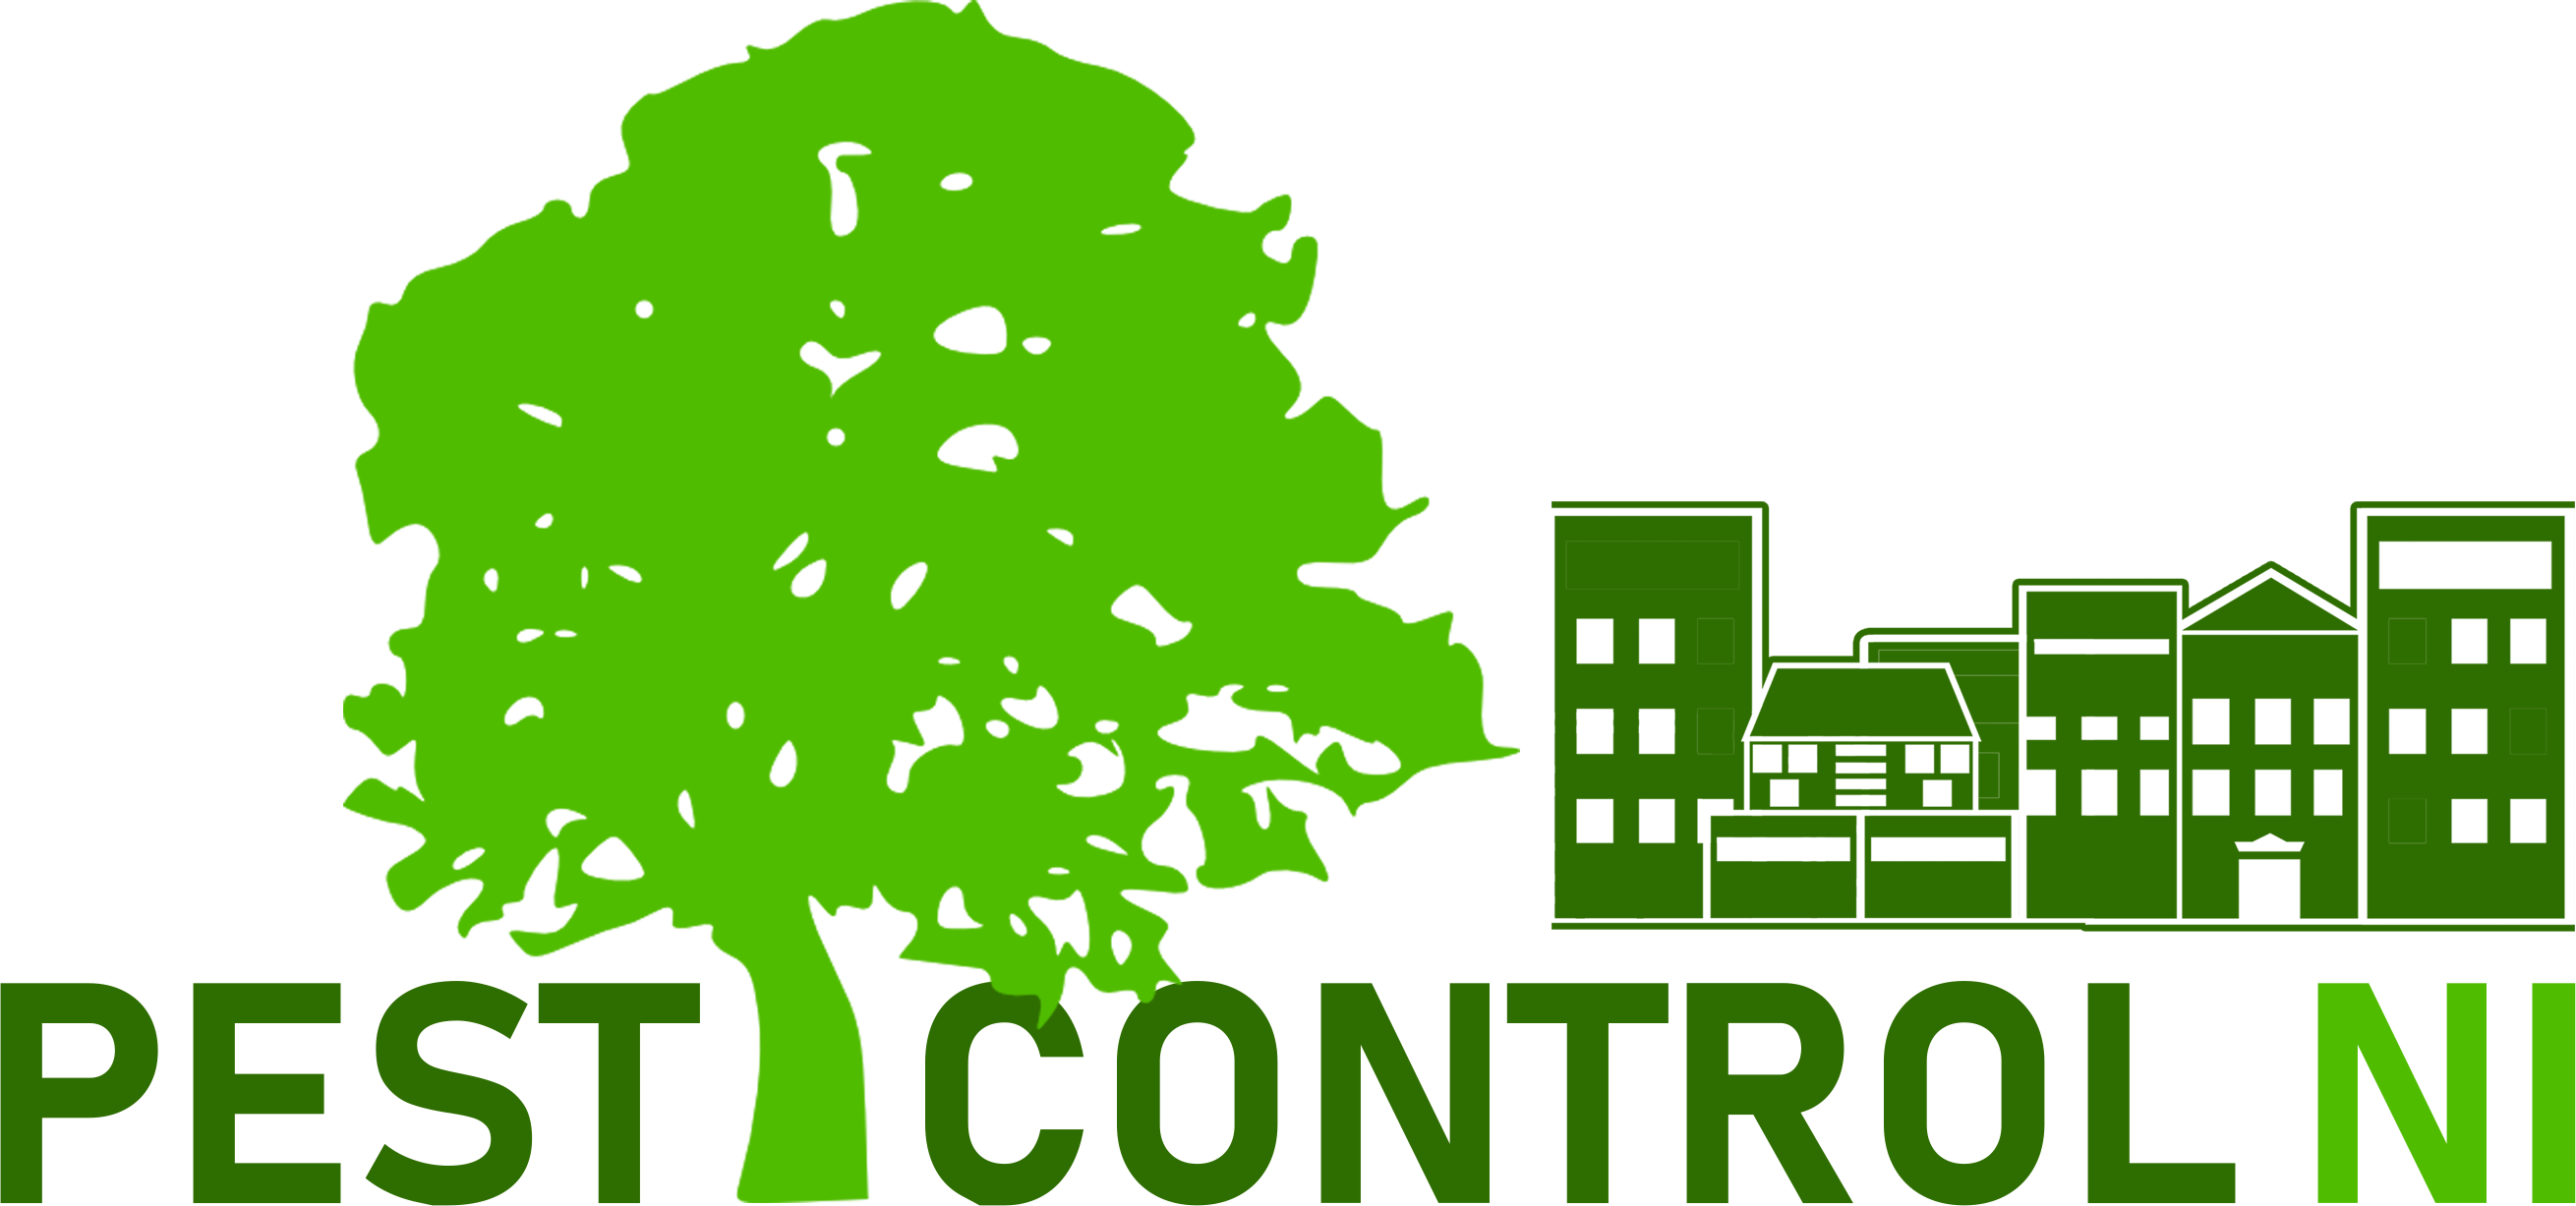 Pest Control NI